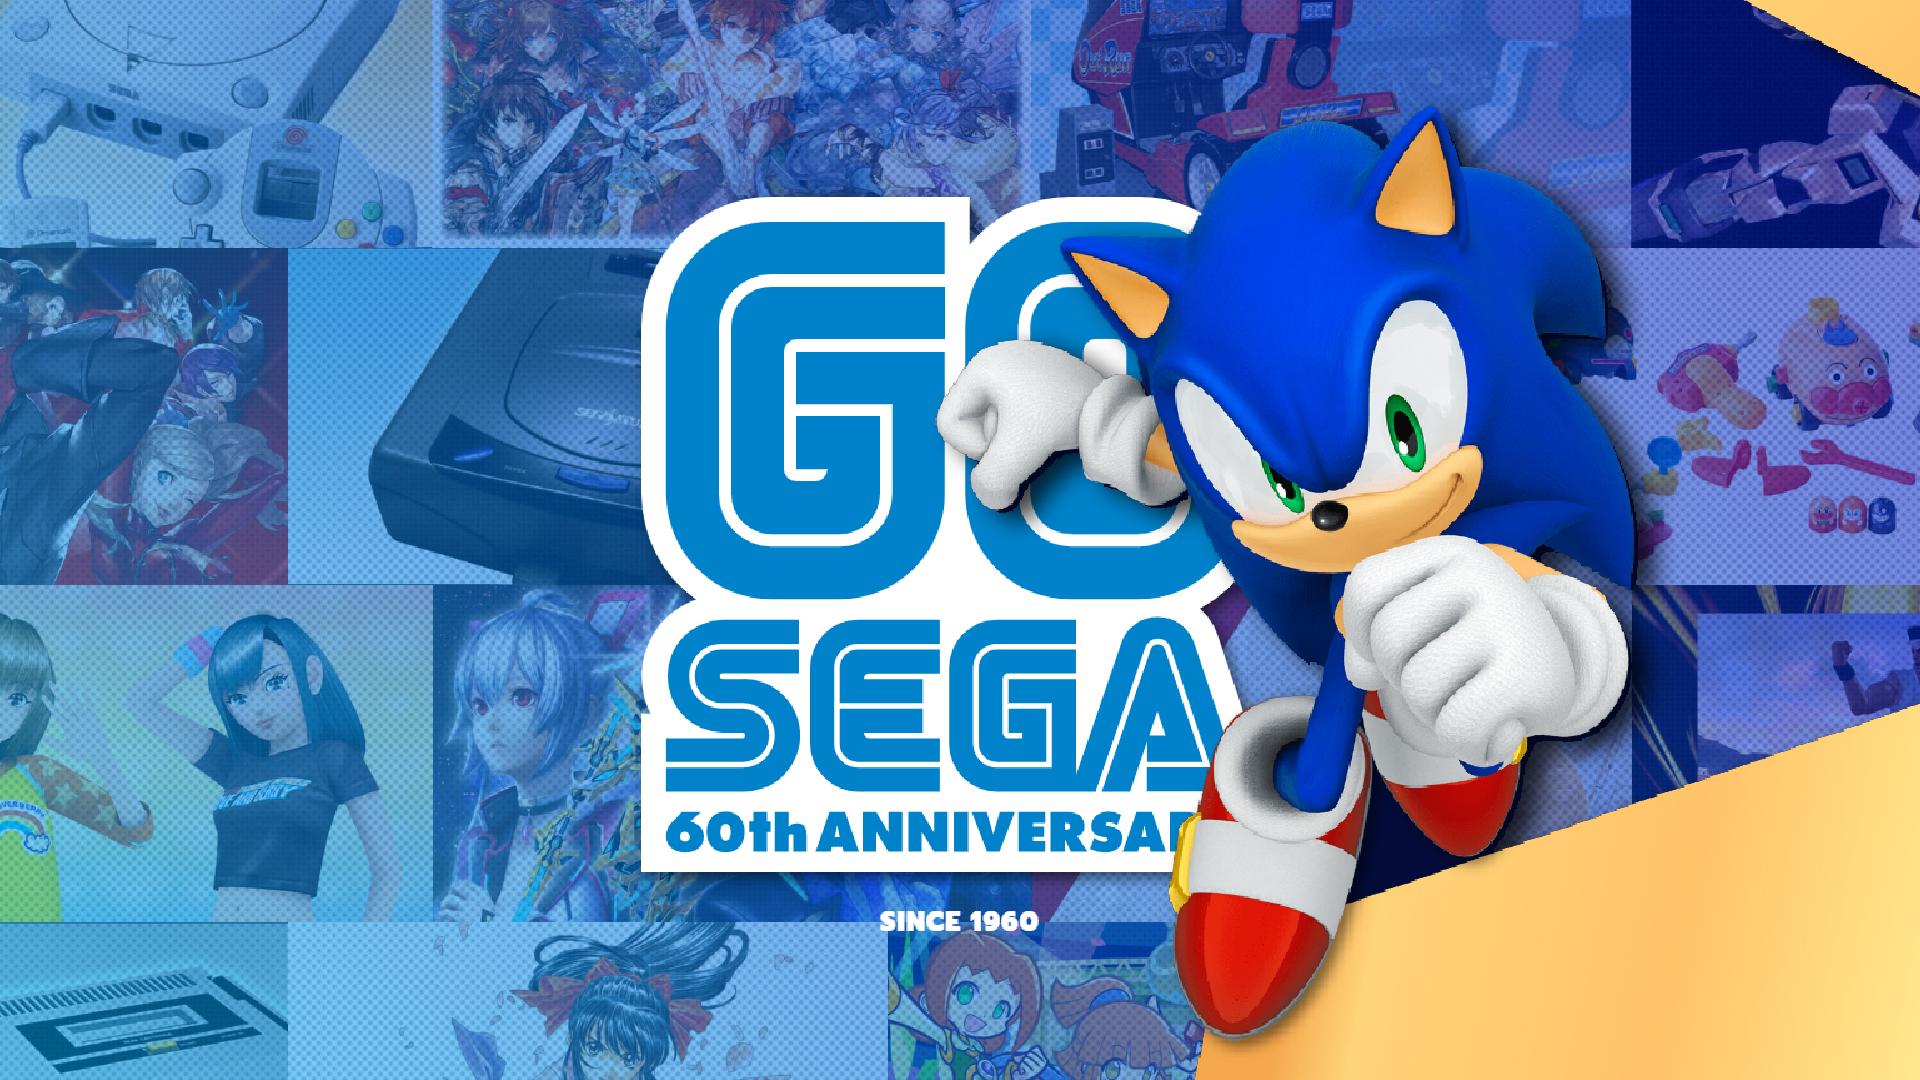 GO SEGA 60